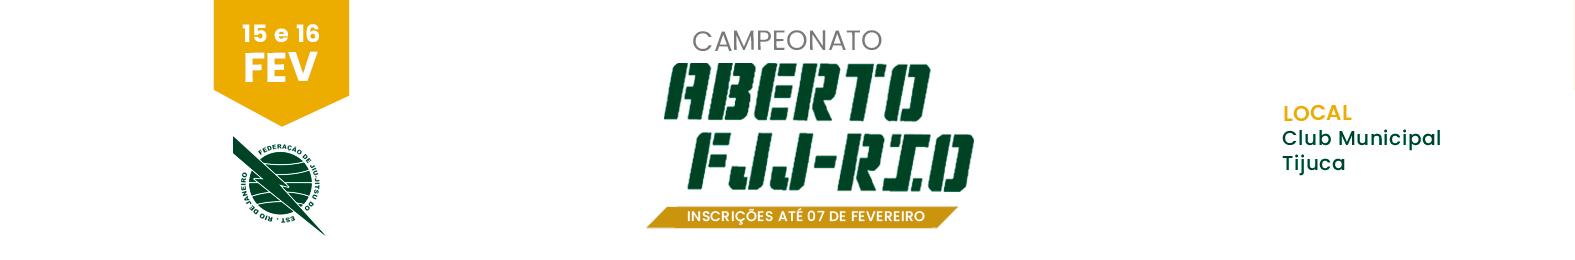 ABERTO FJJ-RIO